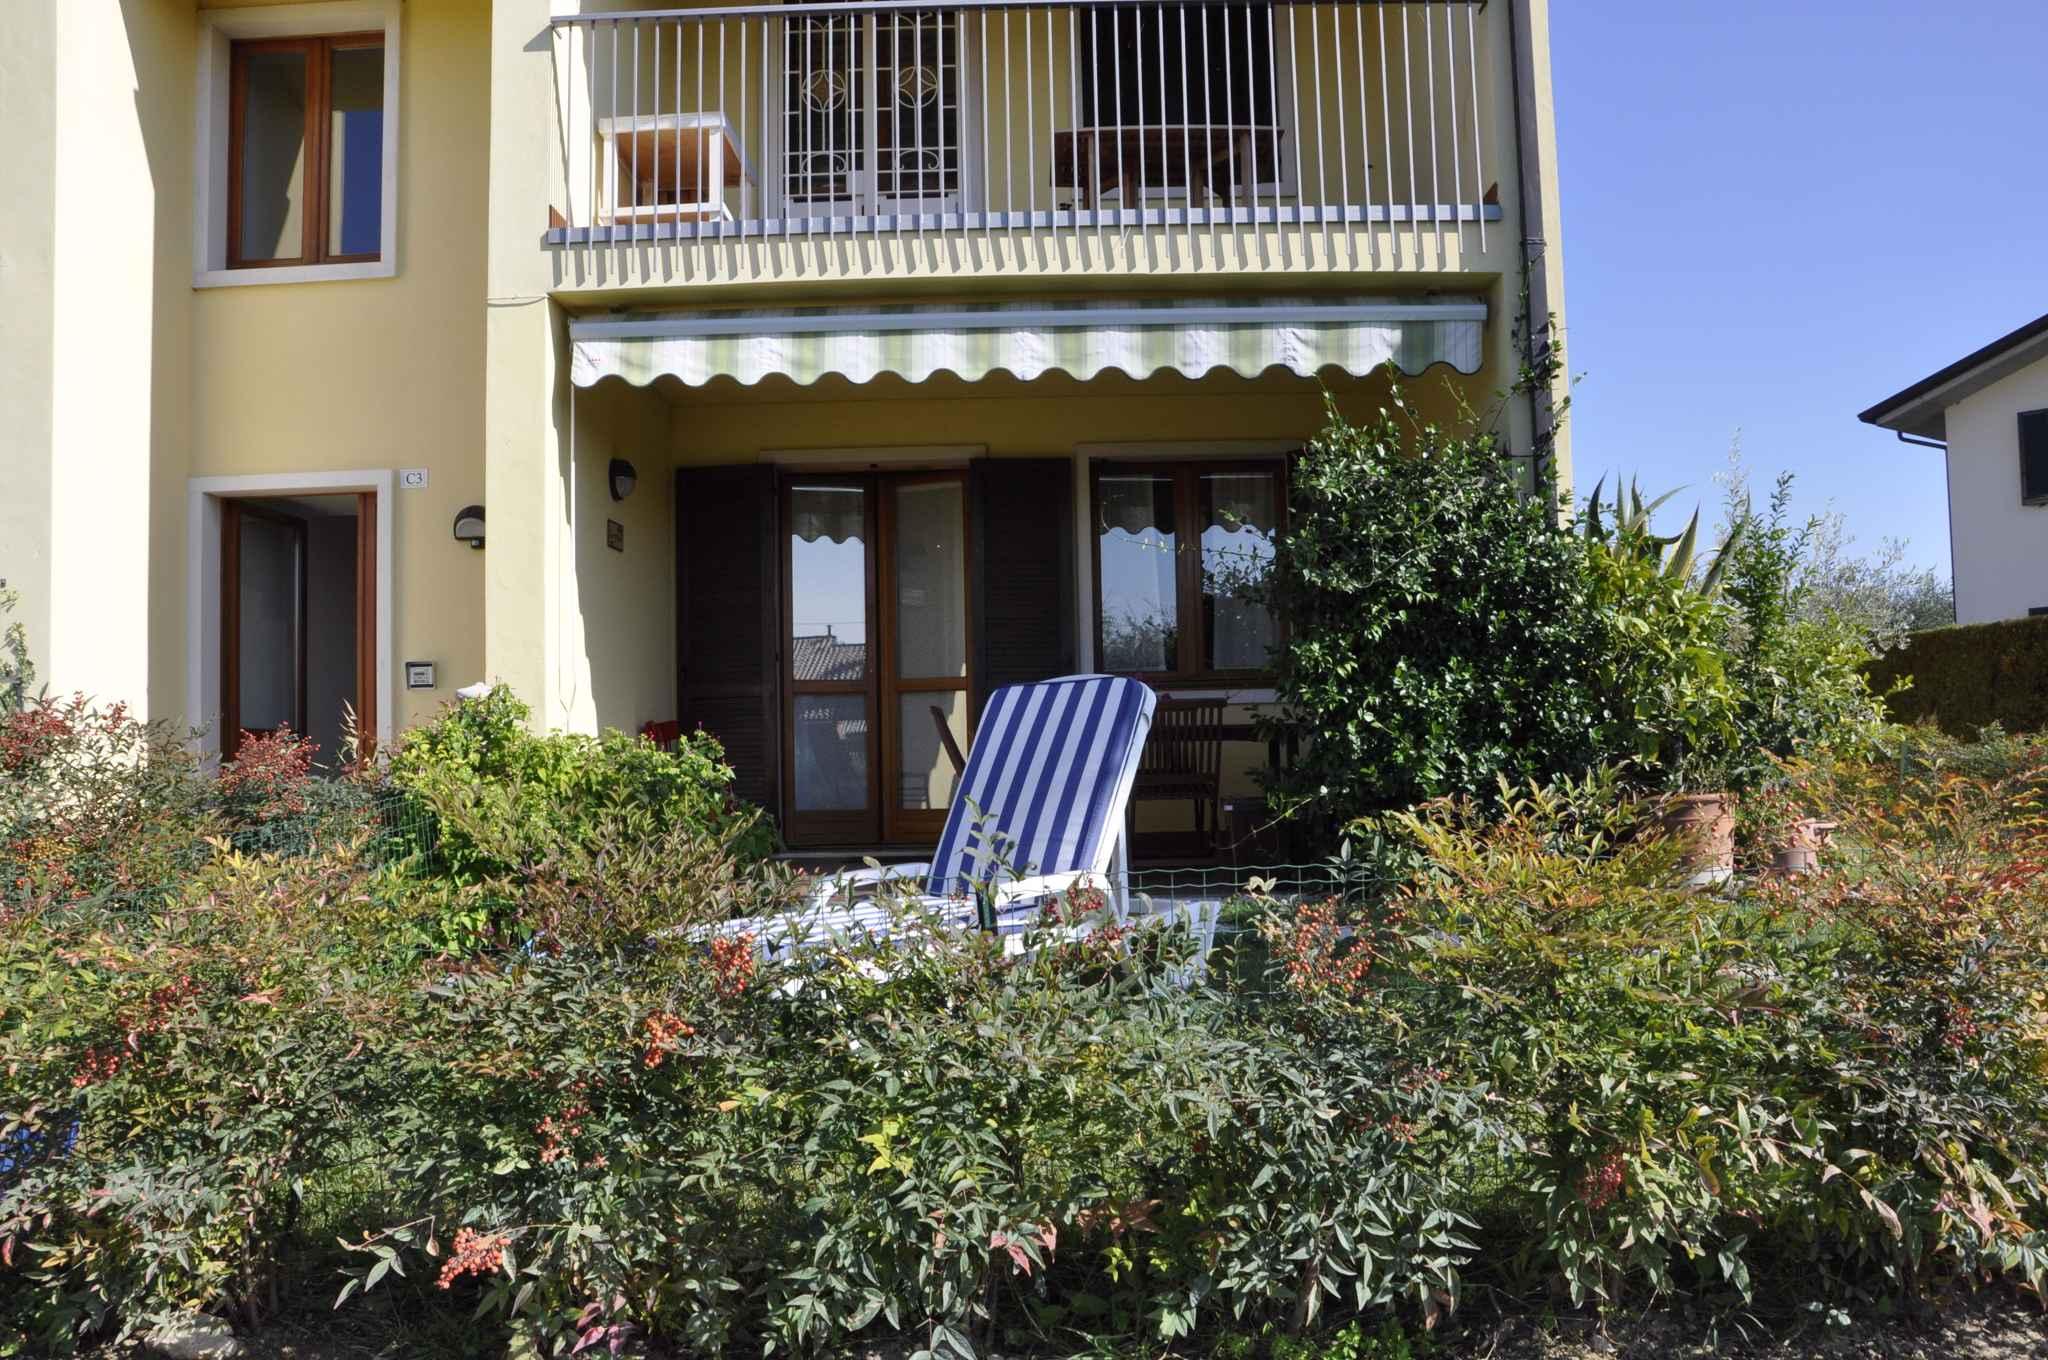 Ferienwohnung con piscina (279601), Lazise, Gardasee, Venetien, Italien, Bild 3